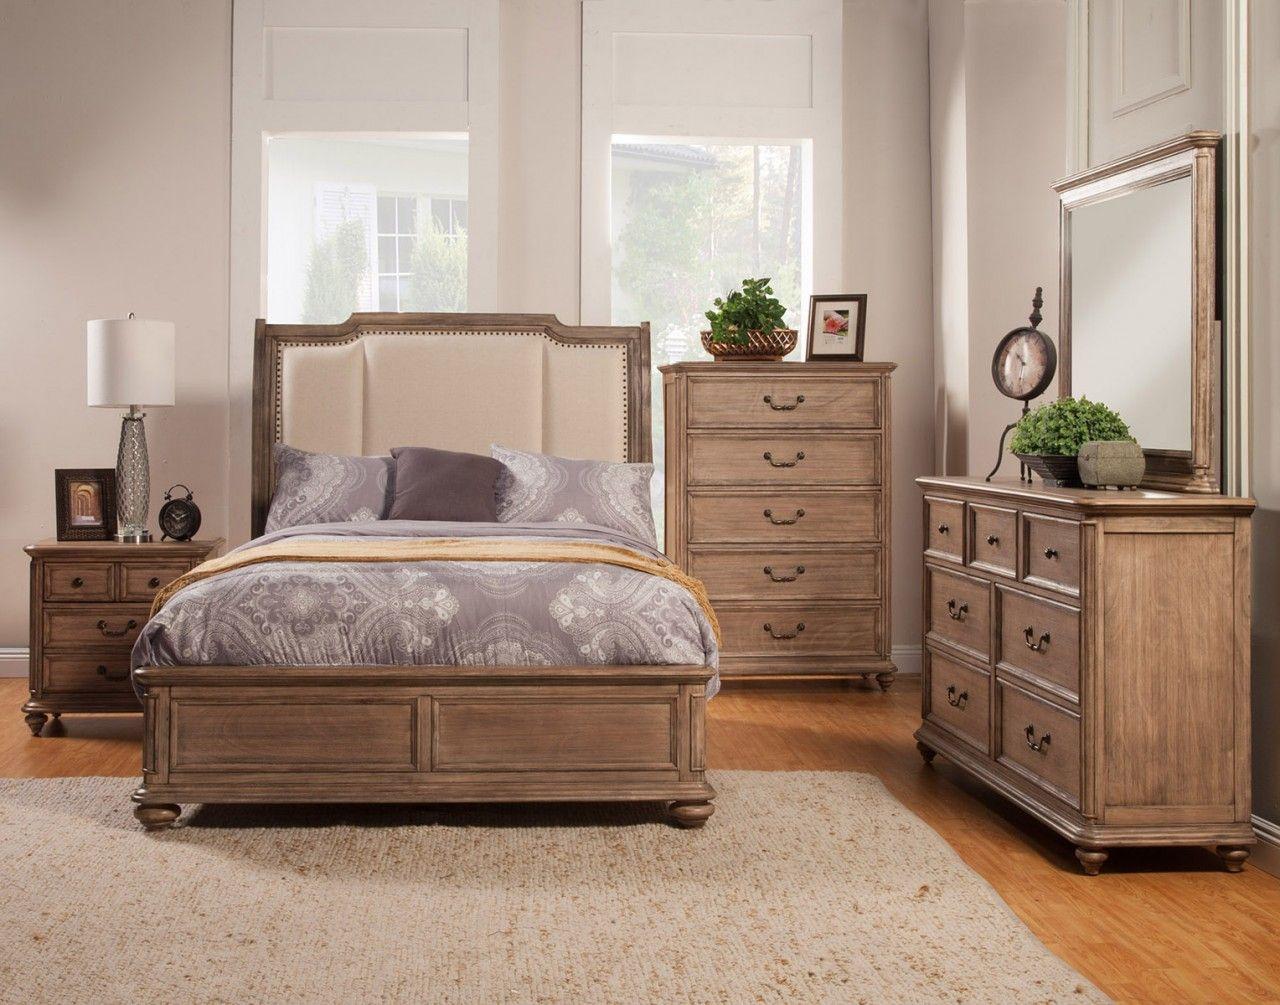 Alpine Furniture Melbourne 4Piece Upholstered Sleigh Bedroom Set Pleasing Bedroom Sets With Storage Design Inspiration